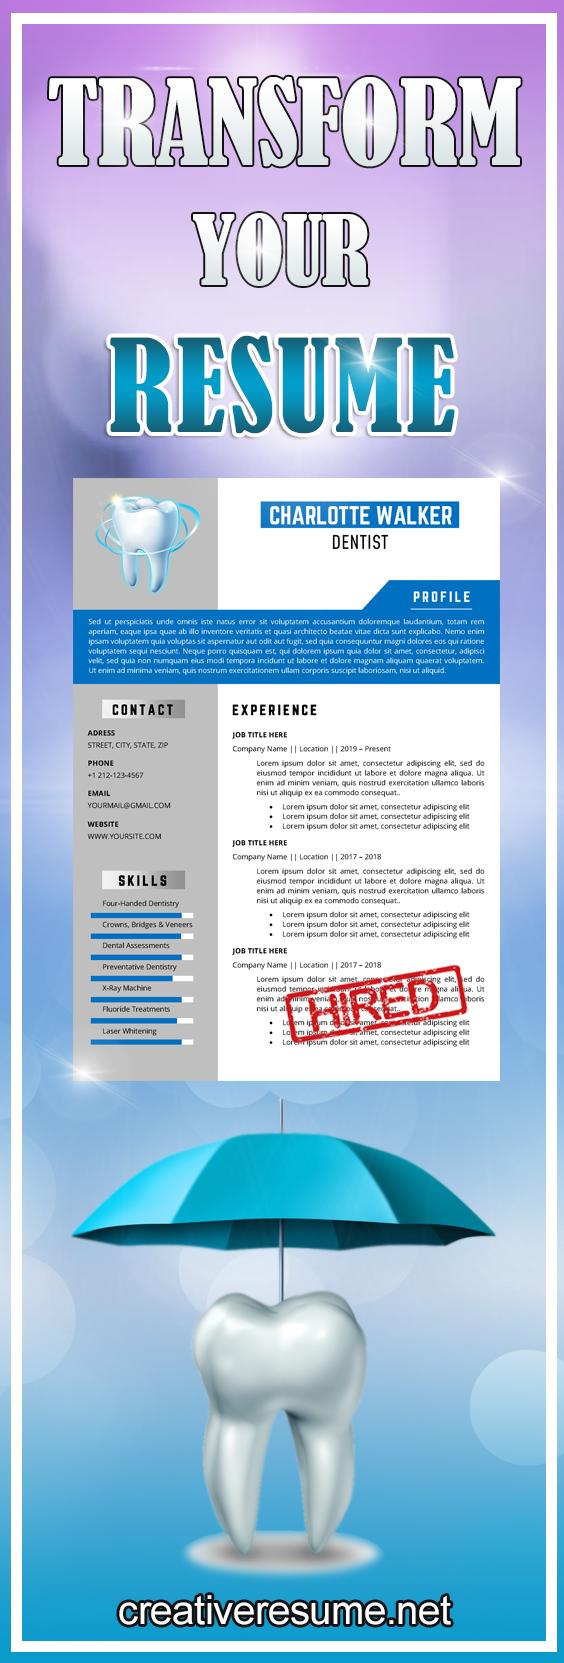 Senior Dentist Resume Template For Word Dental Assistant Etsy In 2021 Dentist Resume Dentist Dentist Career